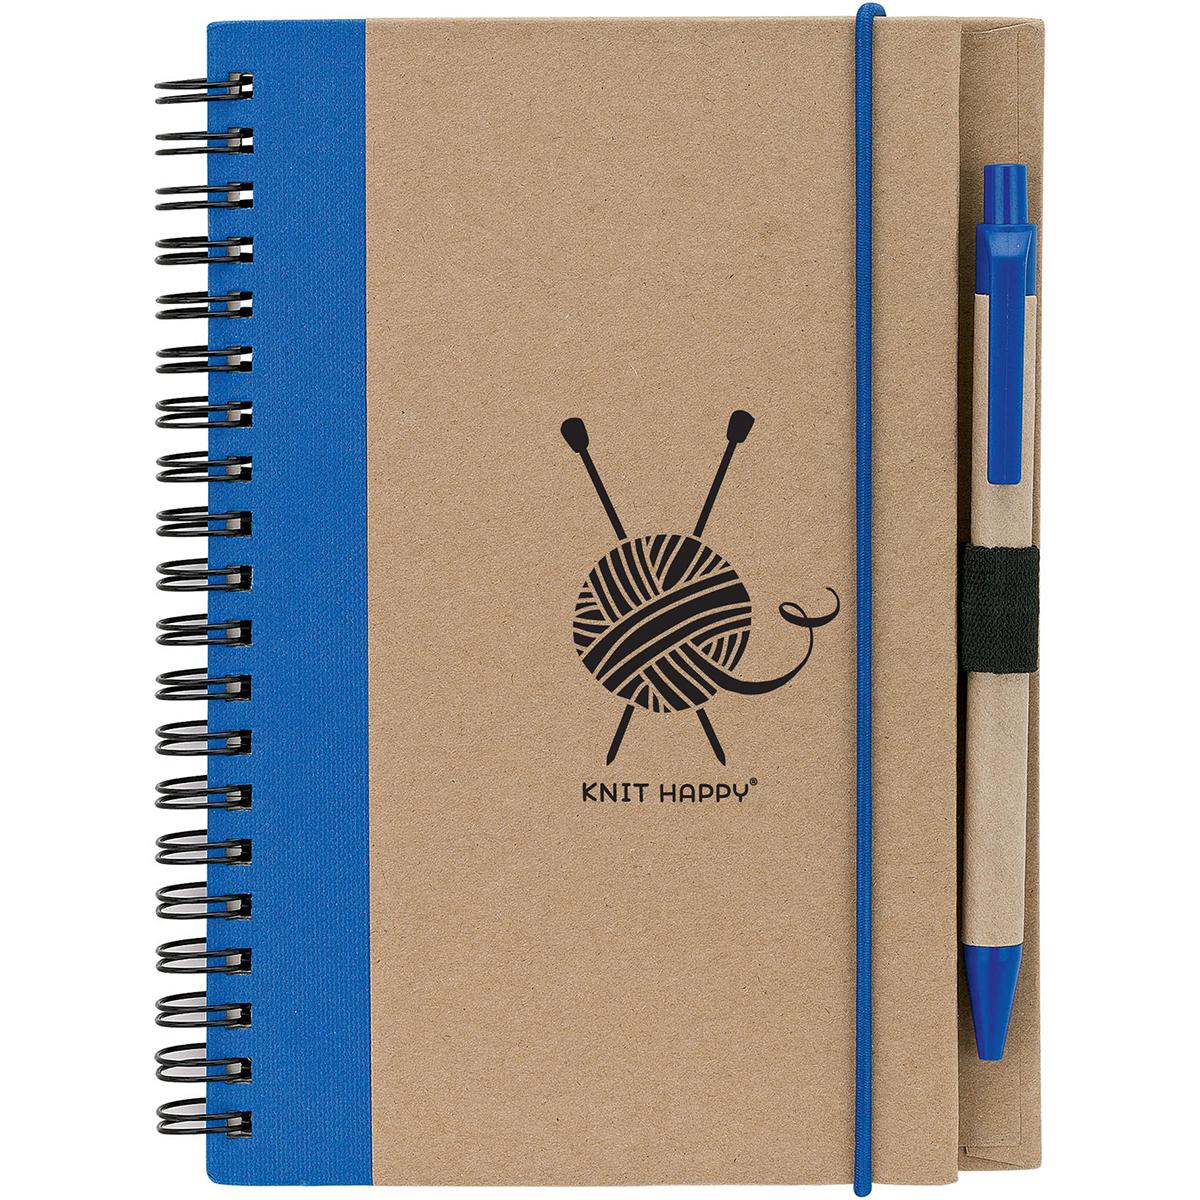 Knit Happy Eco Journal W/Pen-Blue - image 1 de 1